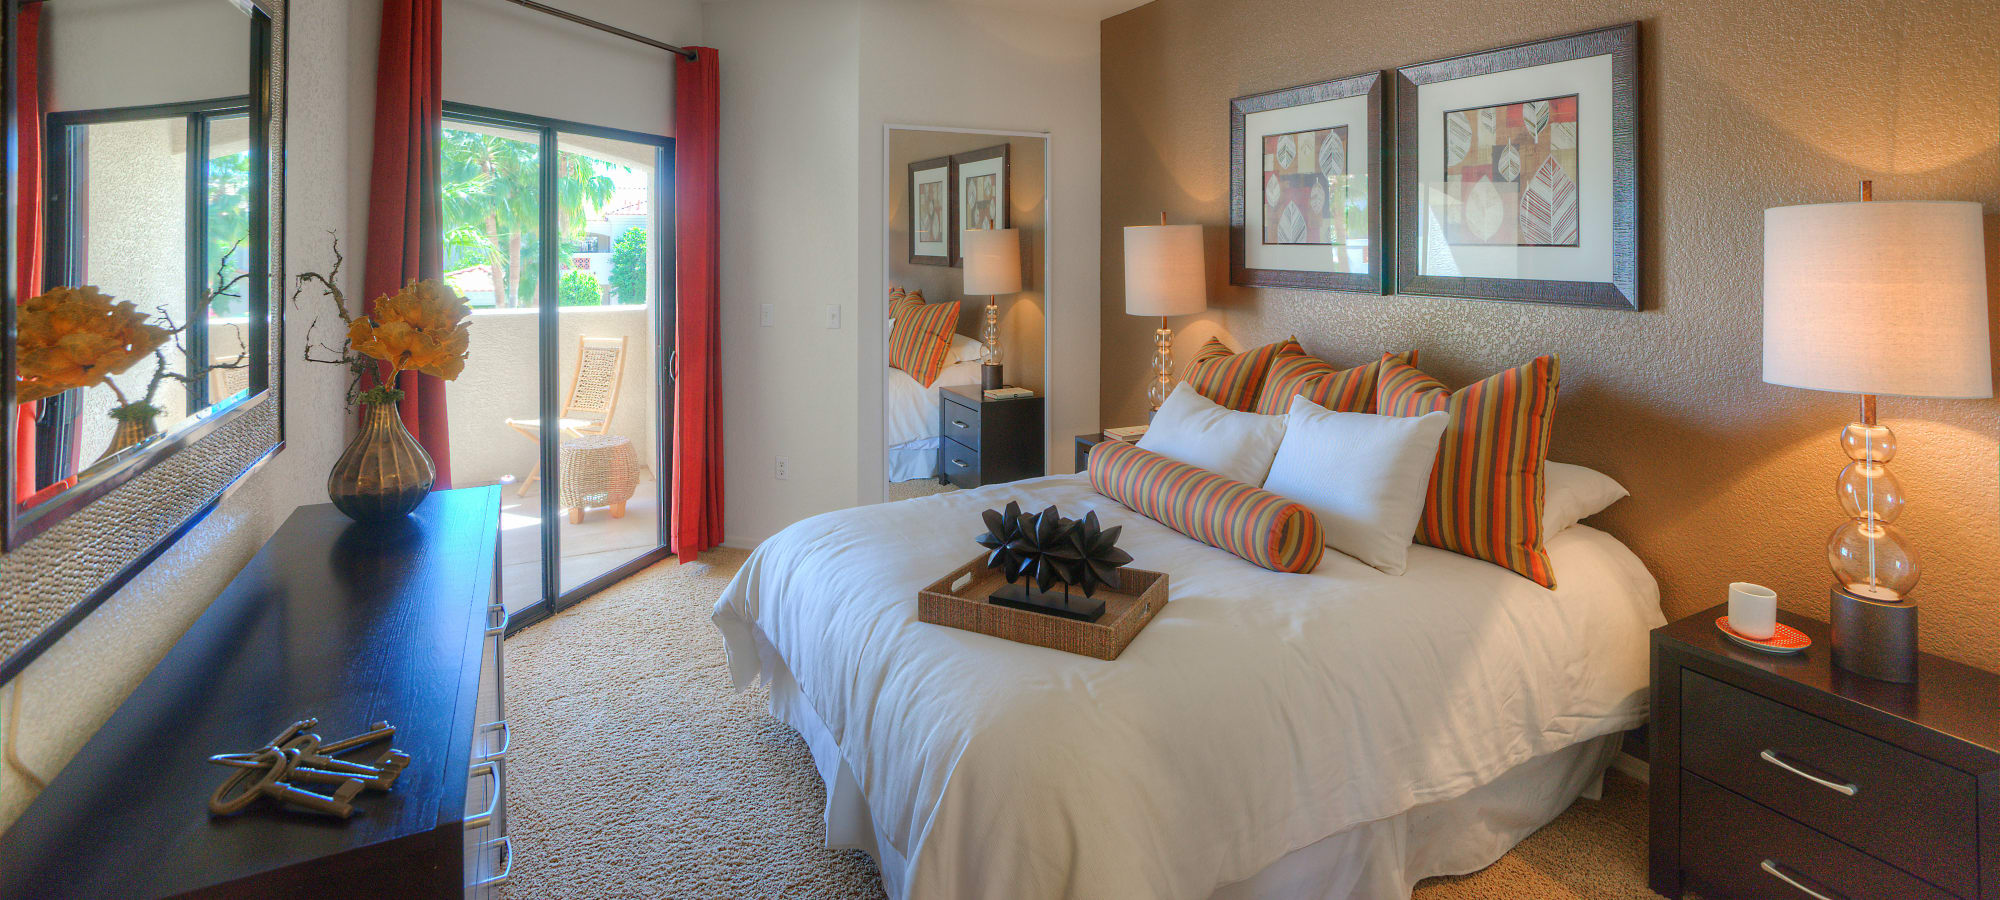 Model bedroom with sliding glass door leading to private patio at San Prado in Glendale, Arizona